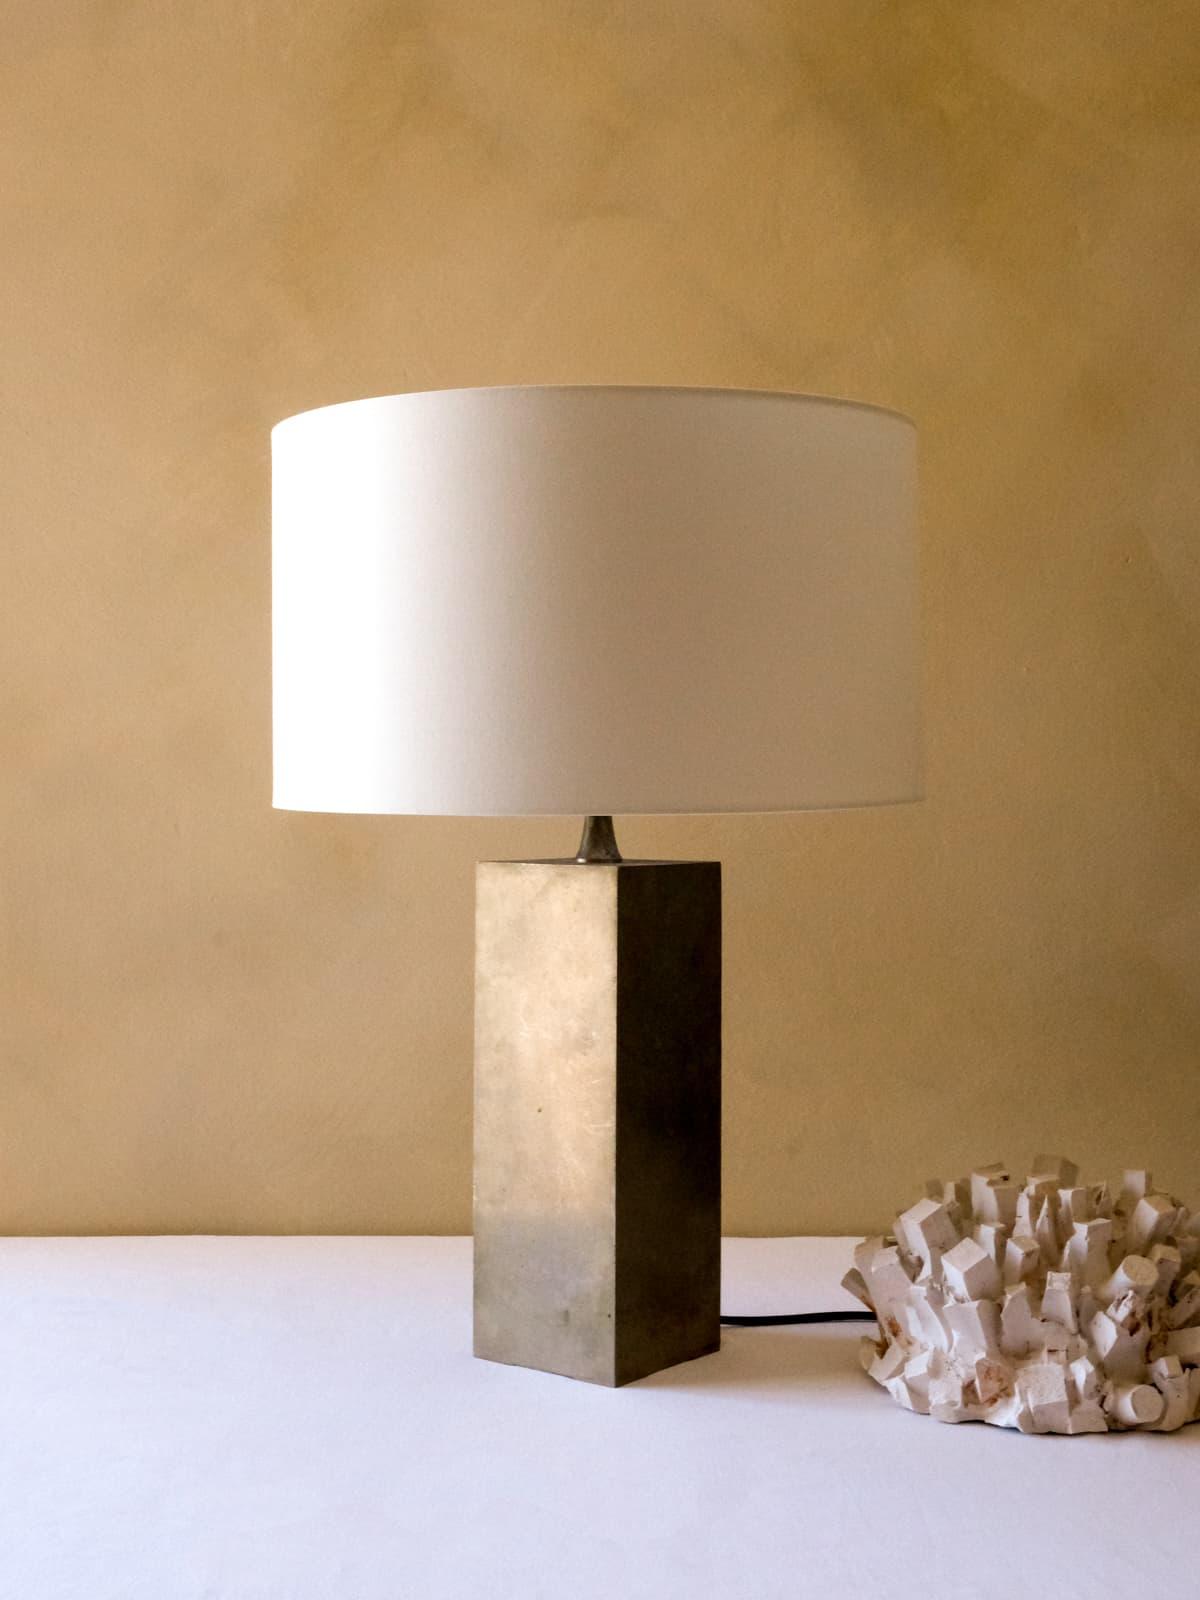 Nickel-plated metal lamp, 70's